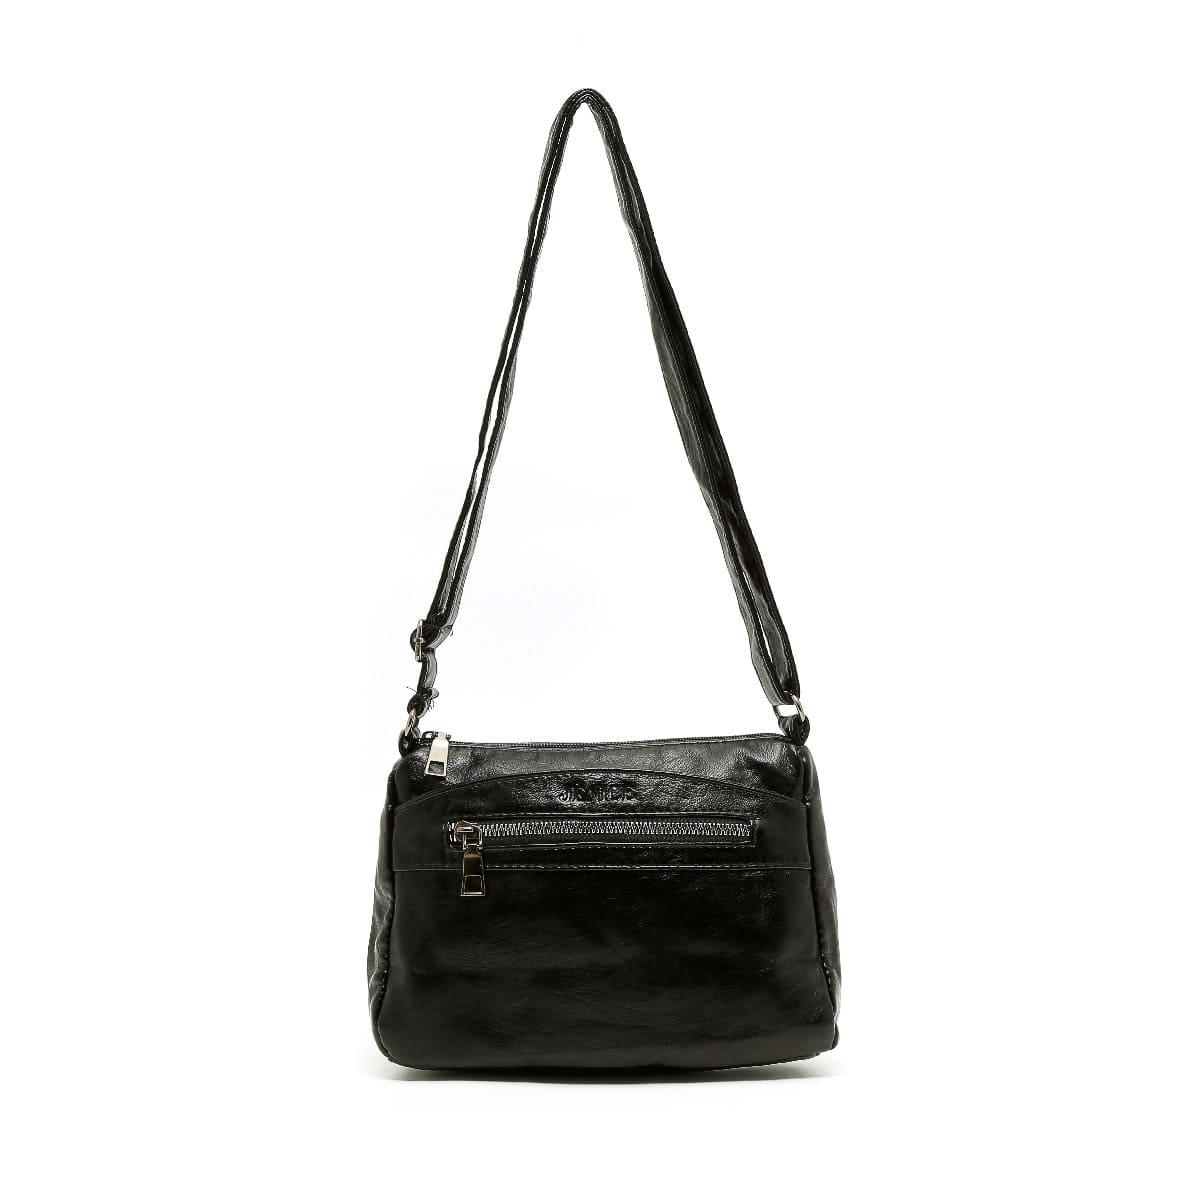 דגם זיו: תיק צד לנשים בצבע שחור